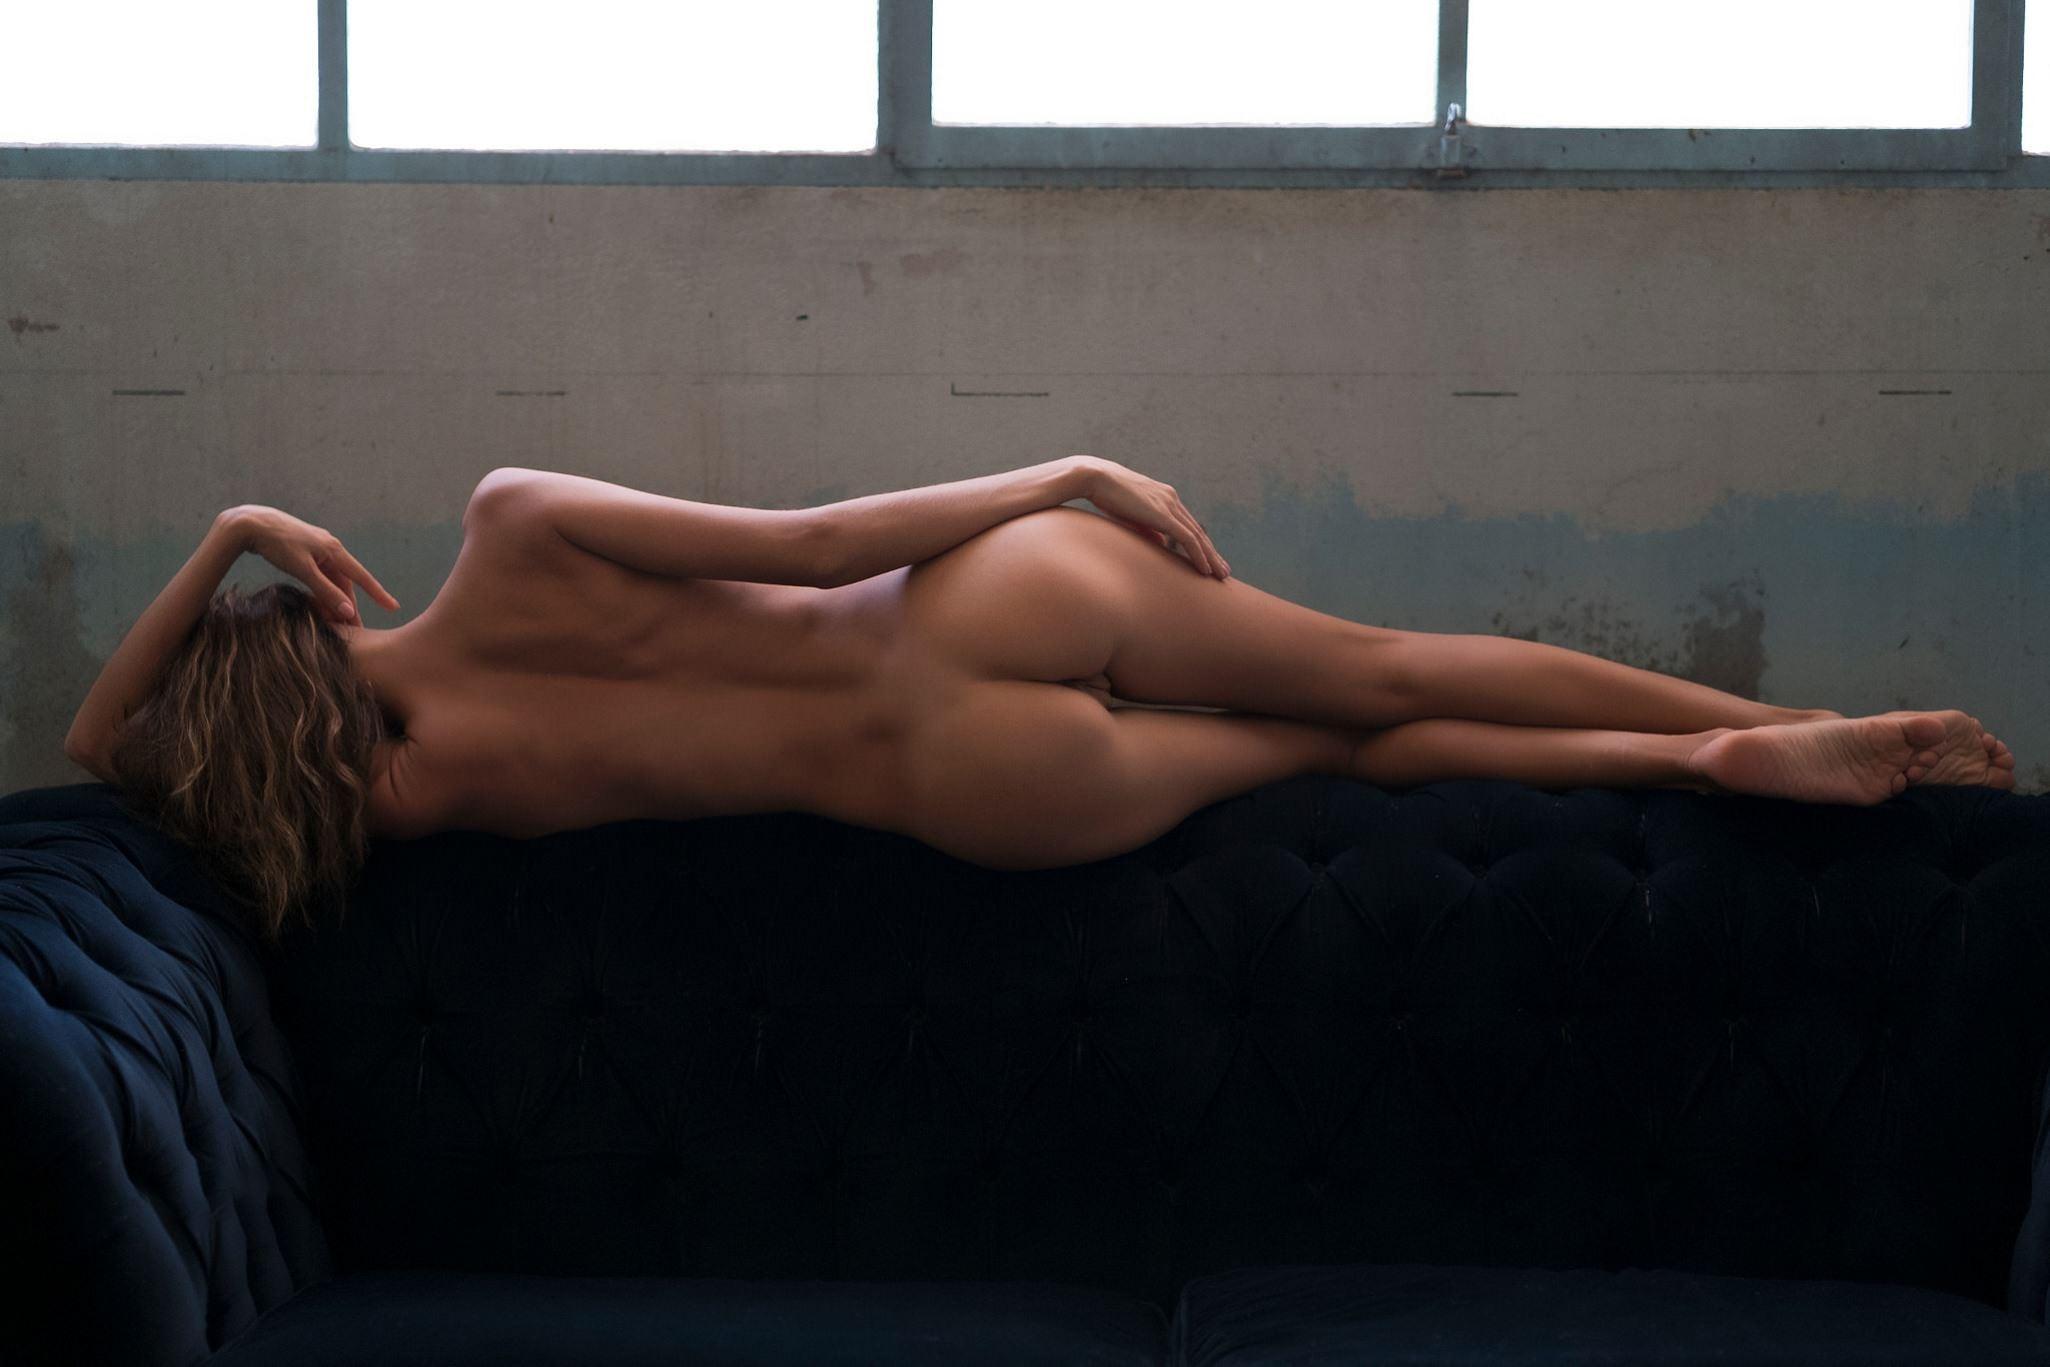 Фото Голая девушка вытянулась в струнку на спинке дивана, сексуальное тело, скачать картинку бесплатно